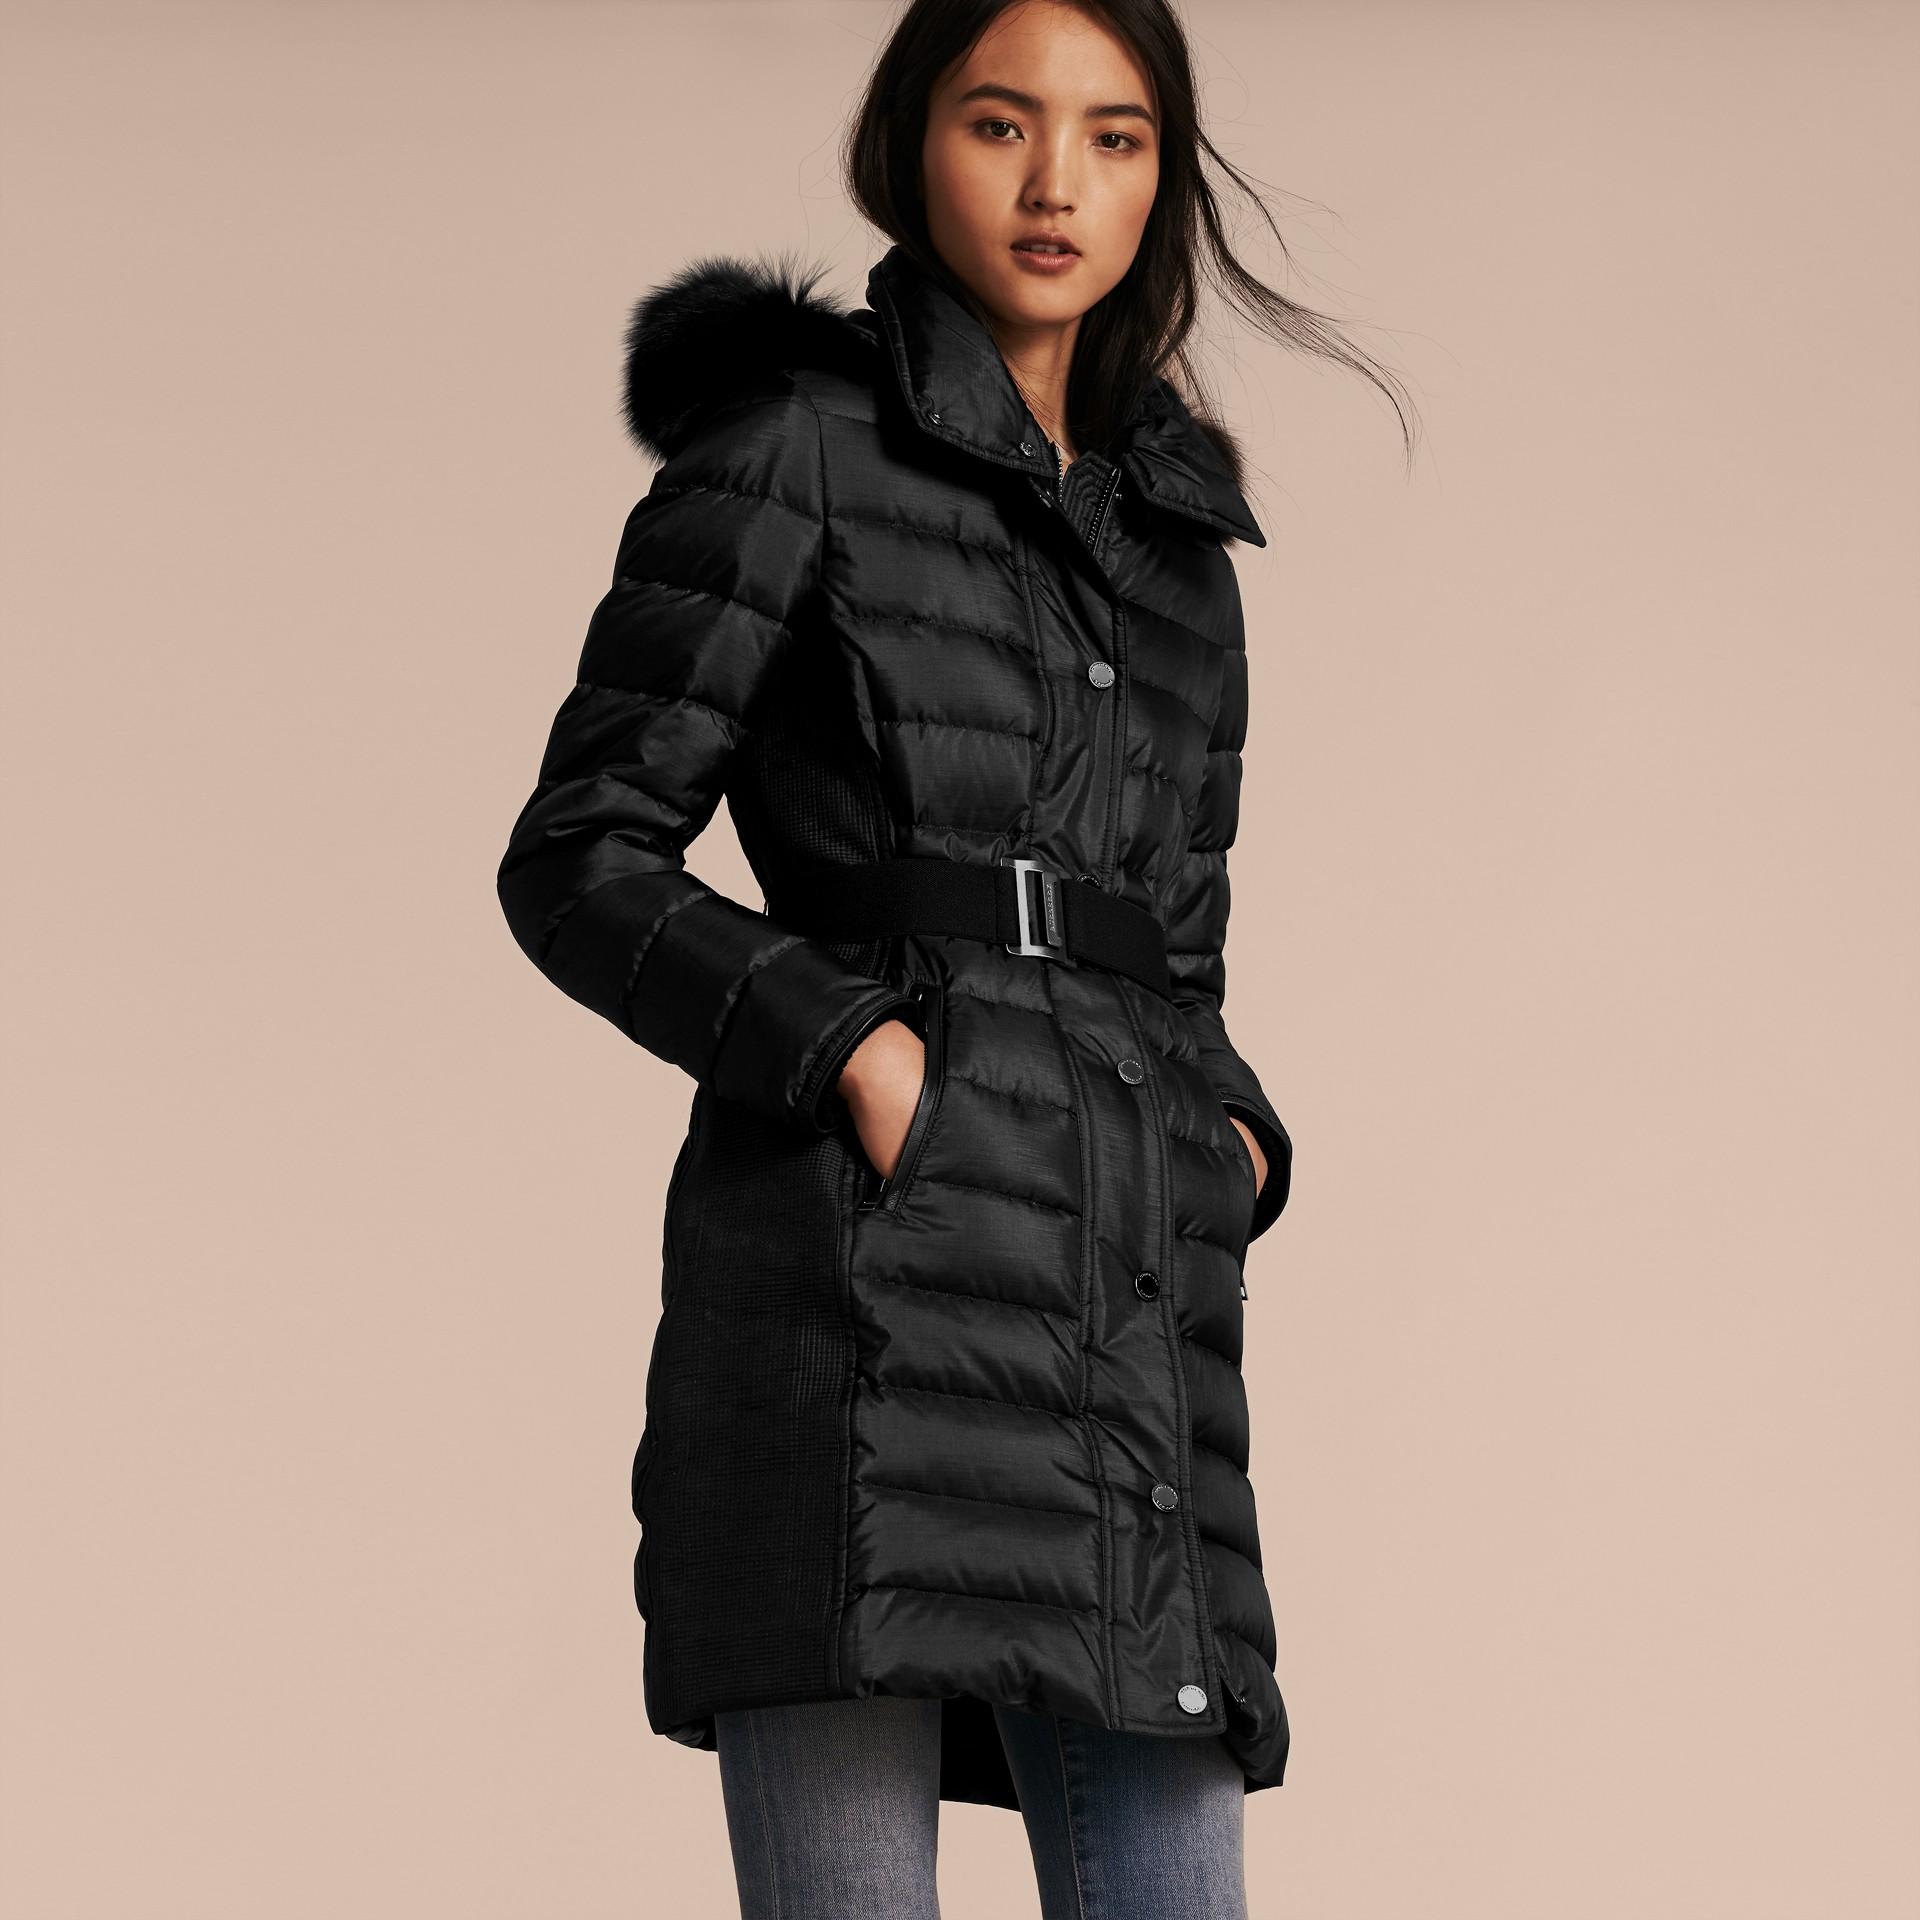 Черный Пуховое пальто с меховой опушкой Черный - изображение 6